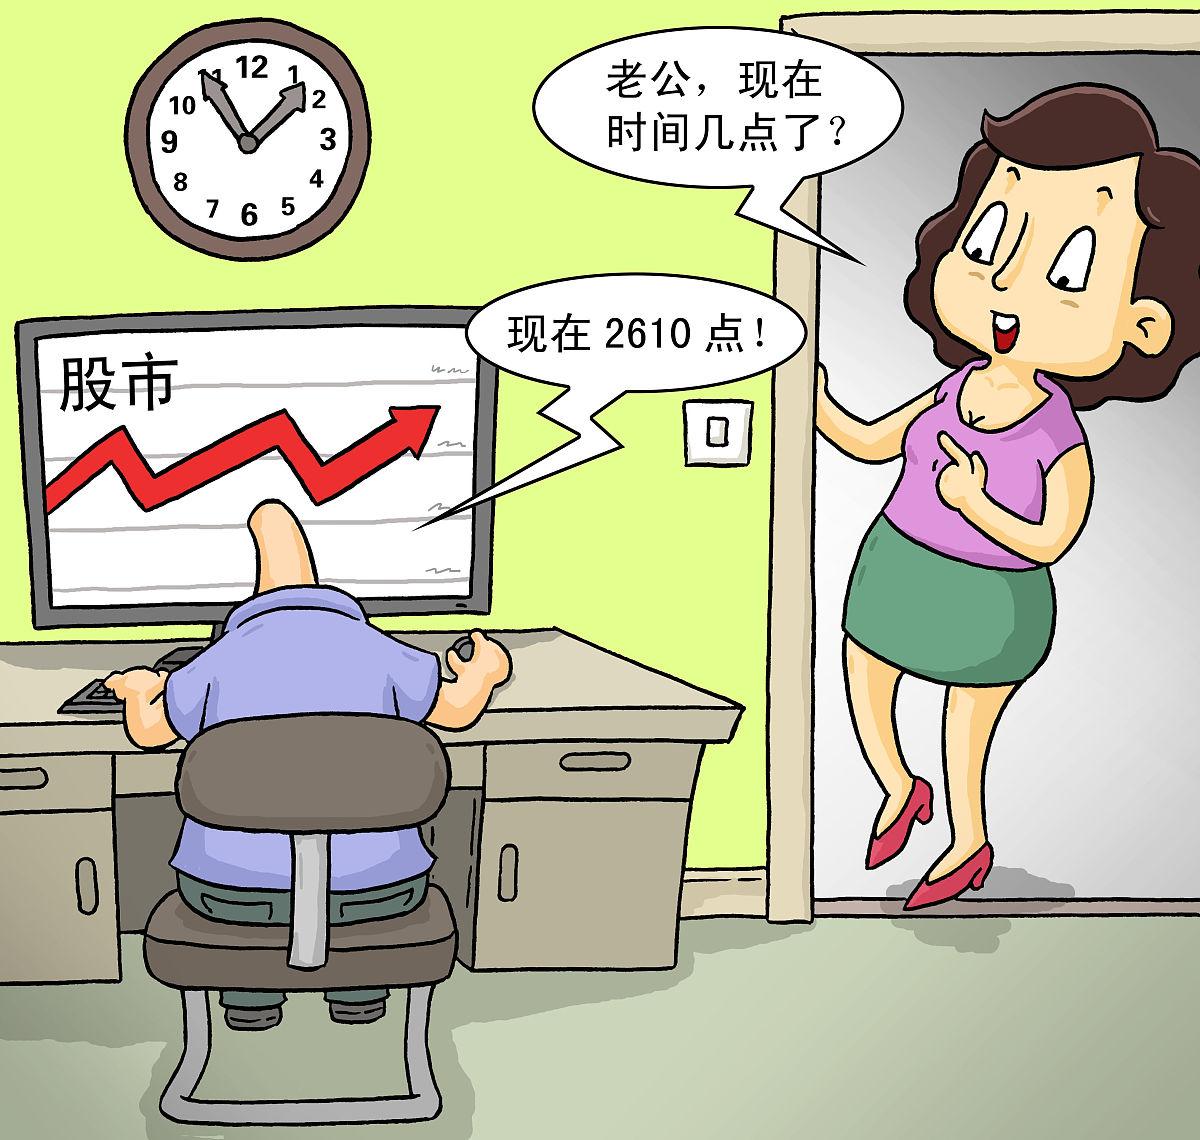 炒股挣大钱的生肖 炒股挣钱的人多还是亏钱的人多